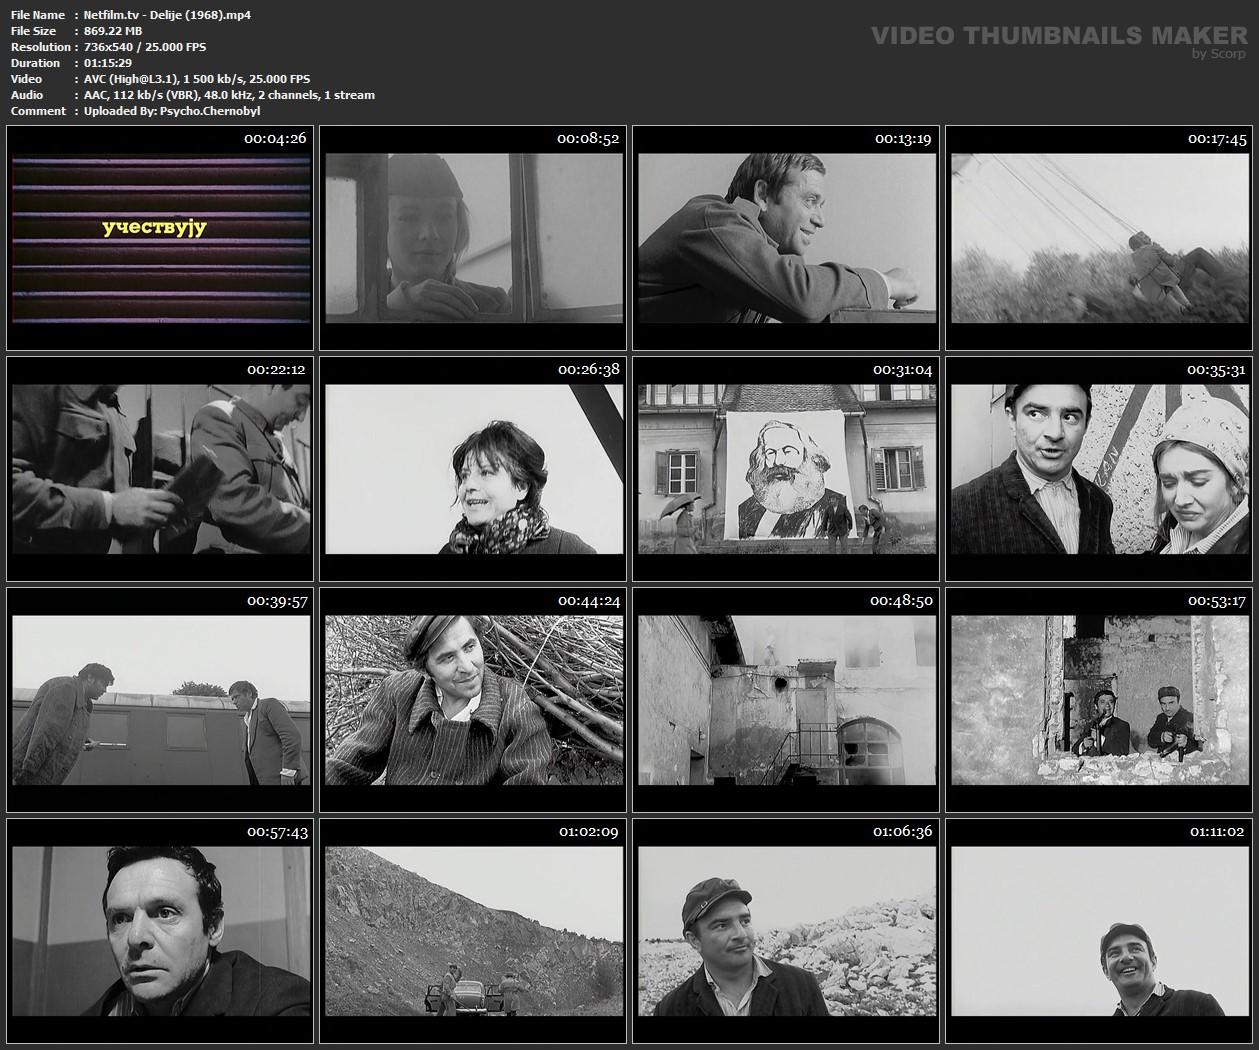 Netfilm-tv-Delije-1968-mp4.jpg